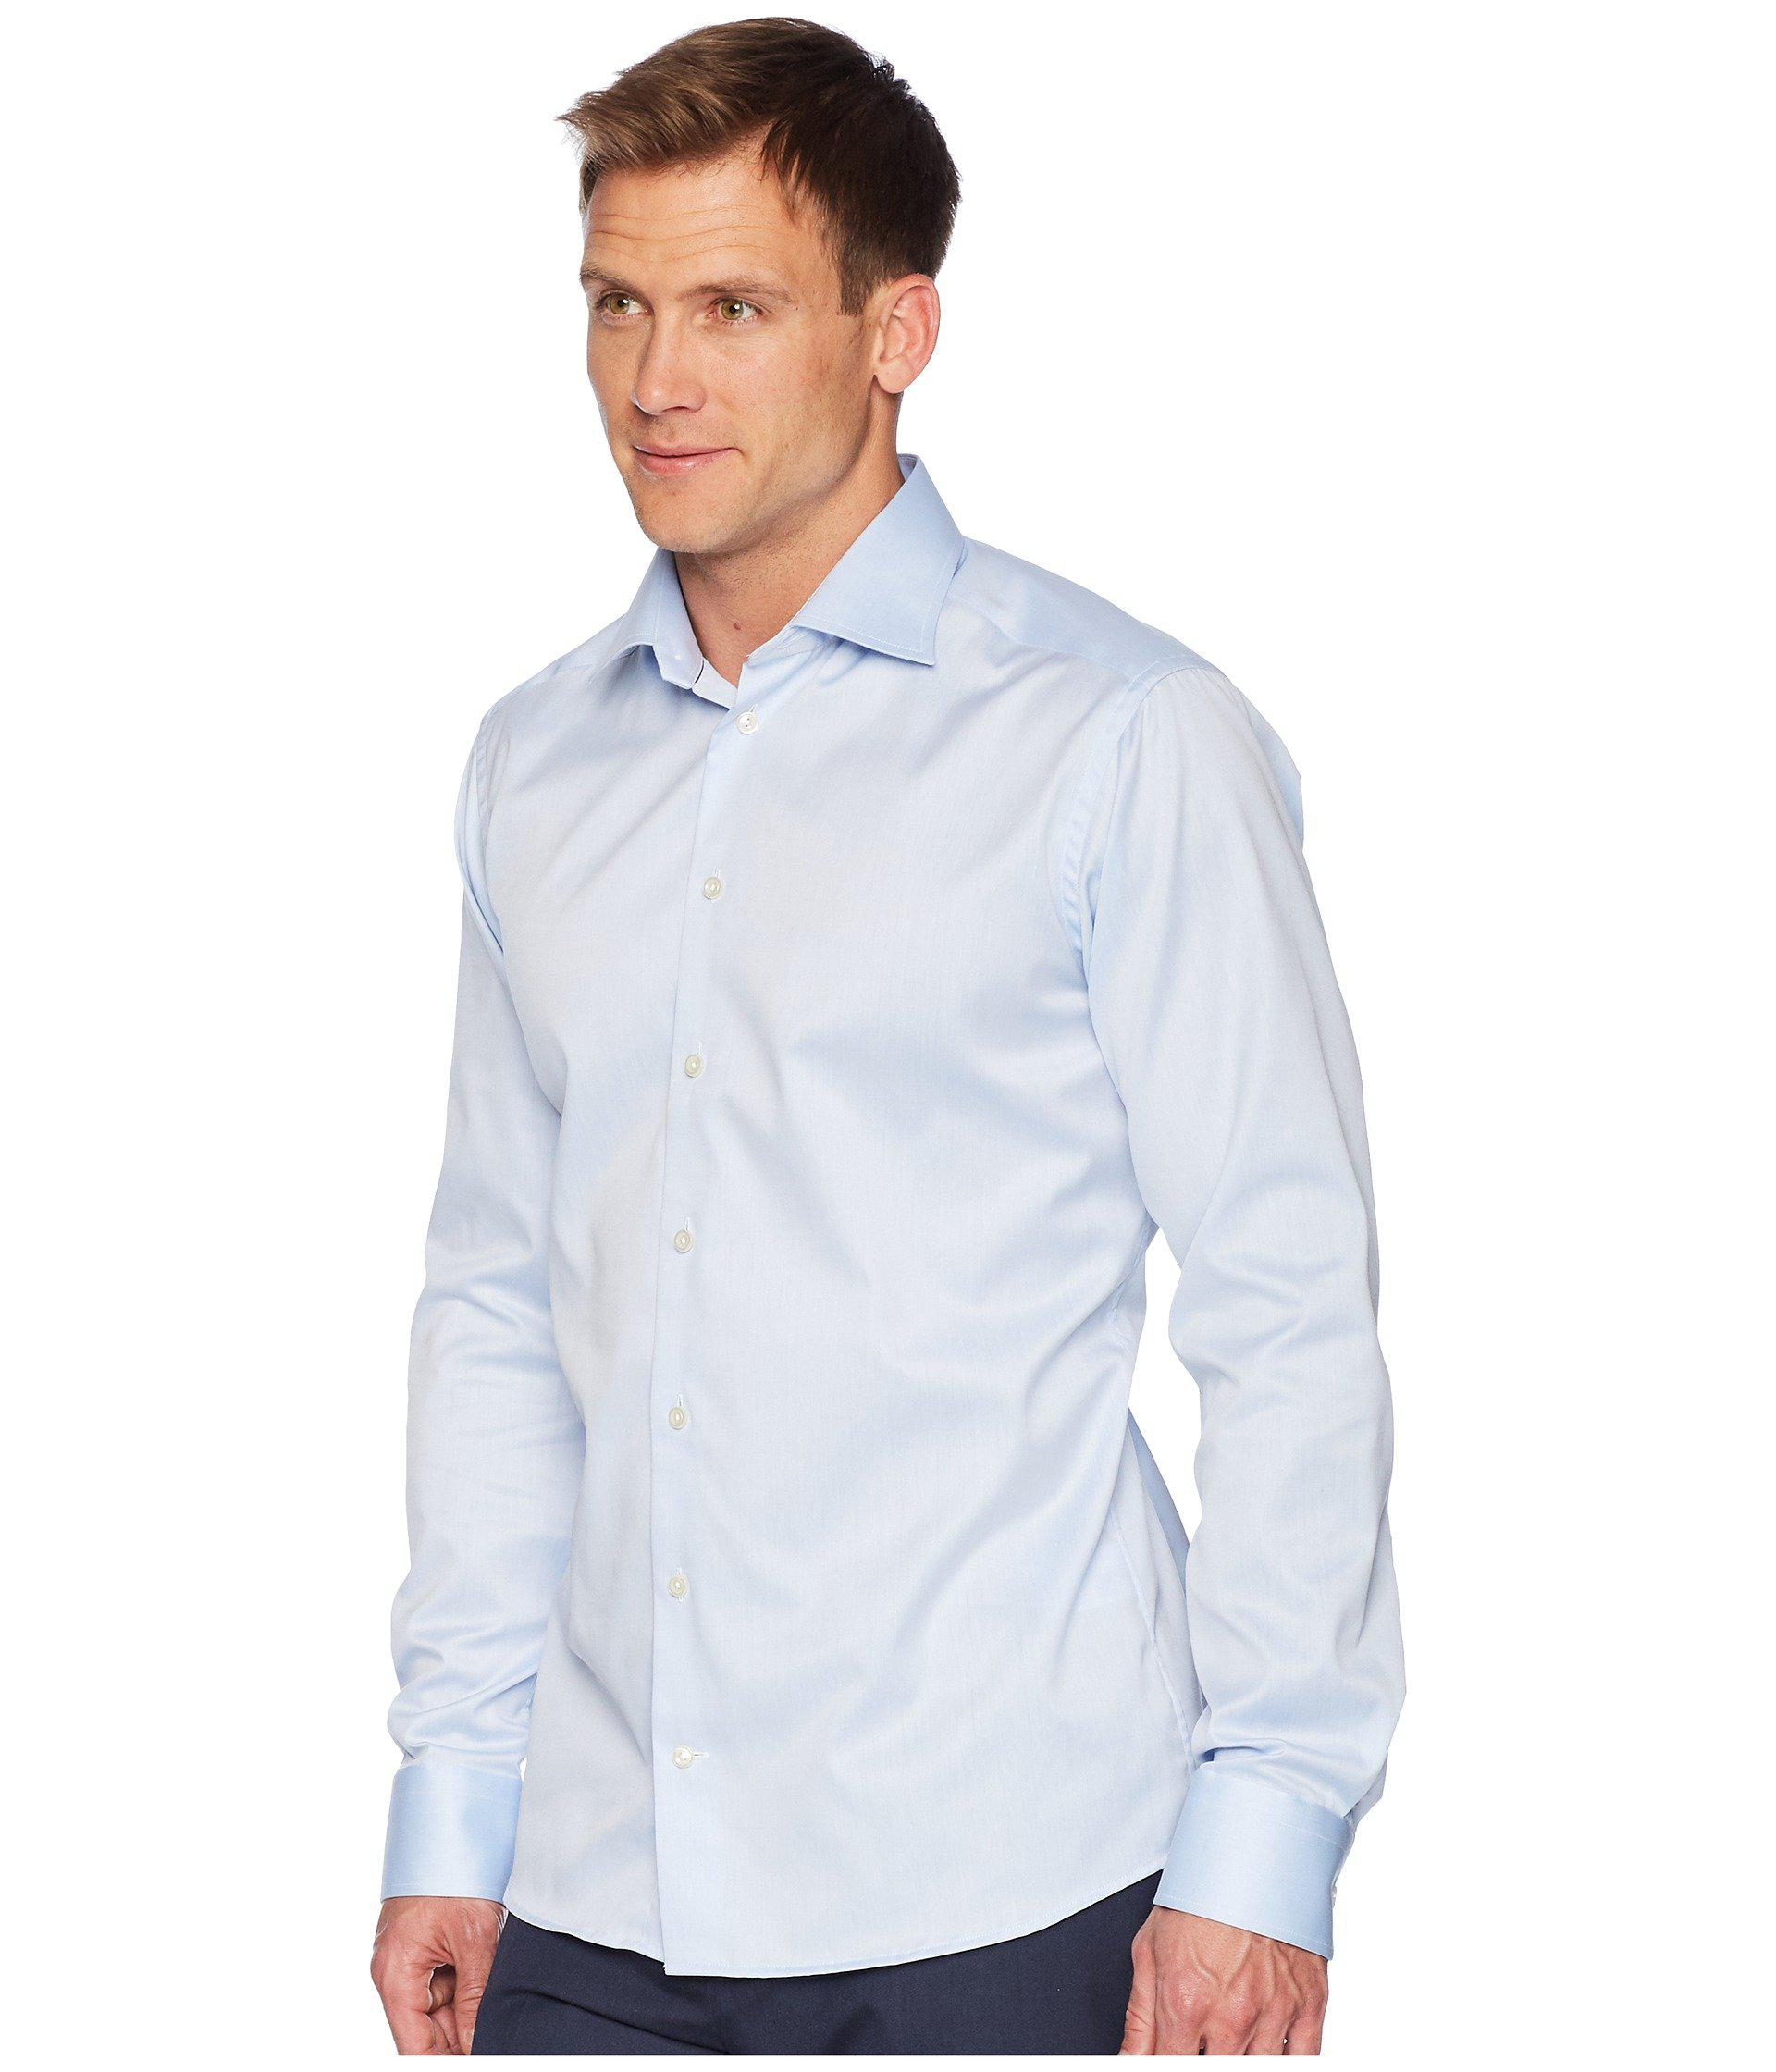 c7c6cba57c0 Lyst - Eton of Sweden Slim Fit Twill Shirt (white) Men s Clothing in Blue  for Men